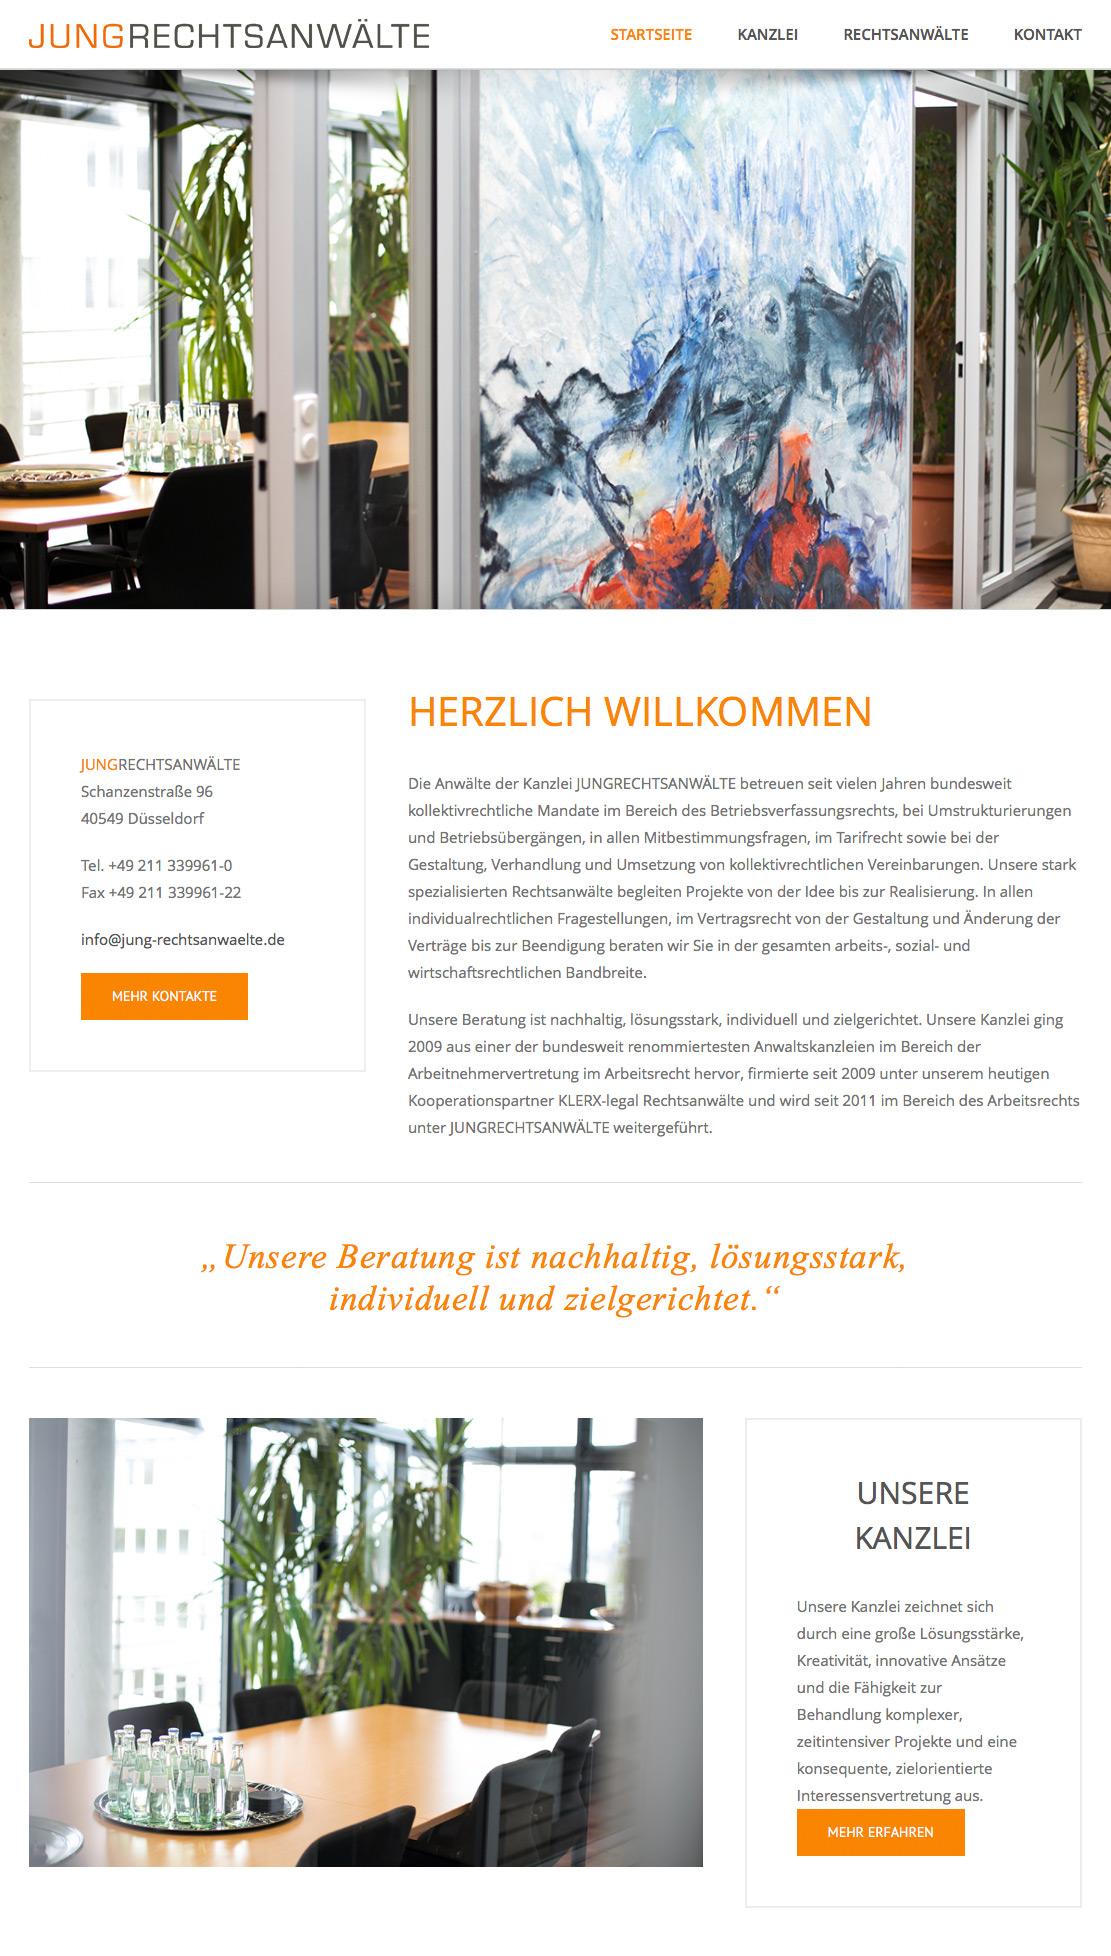 Webdesign by Onelio Werbeagentur Düsseldorf